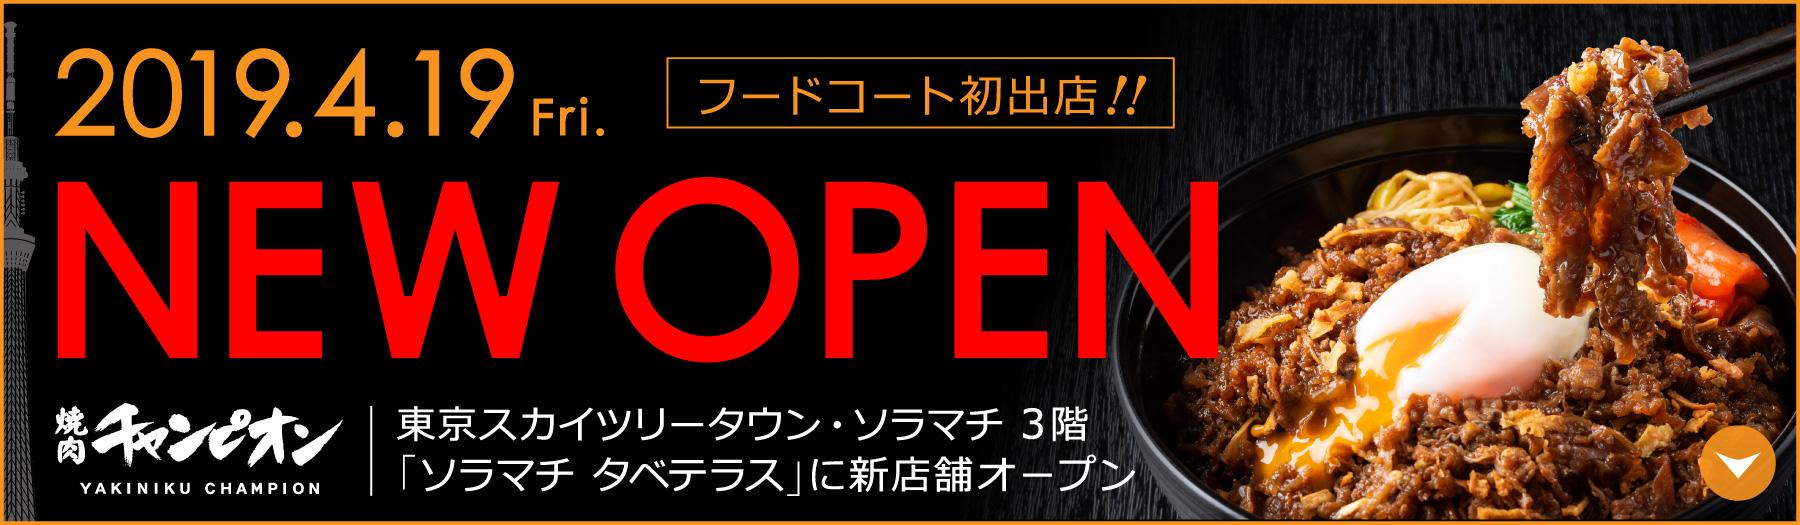 bnr_champ_sky_open.jpg